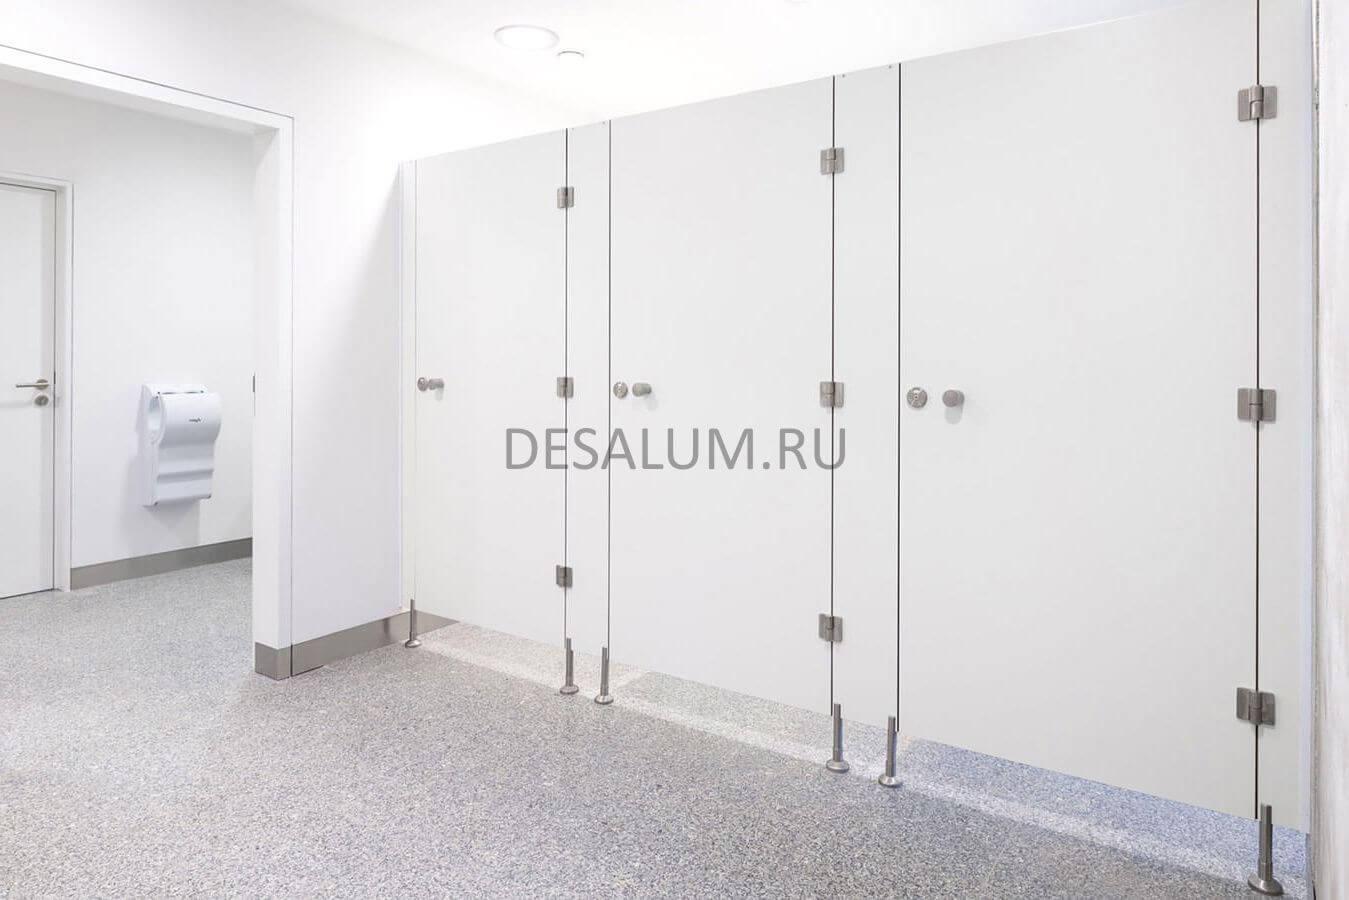 сантехнические перегородки серии эконом desalum